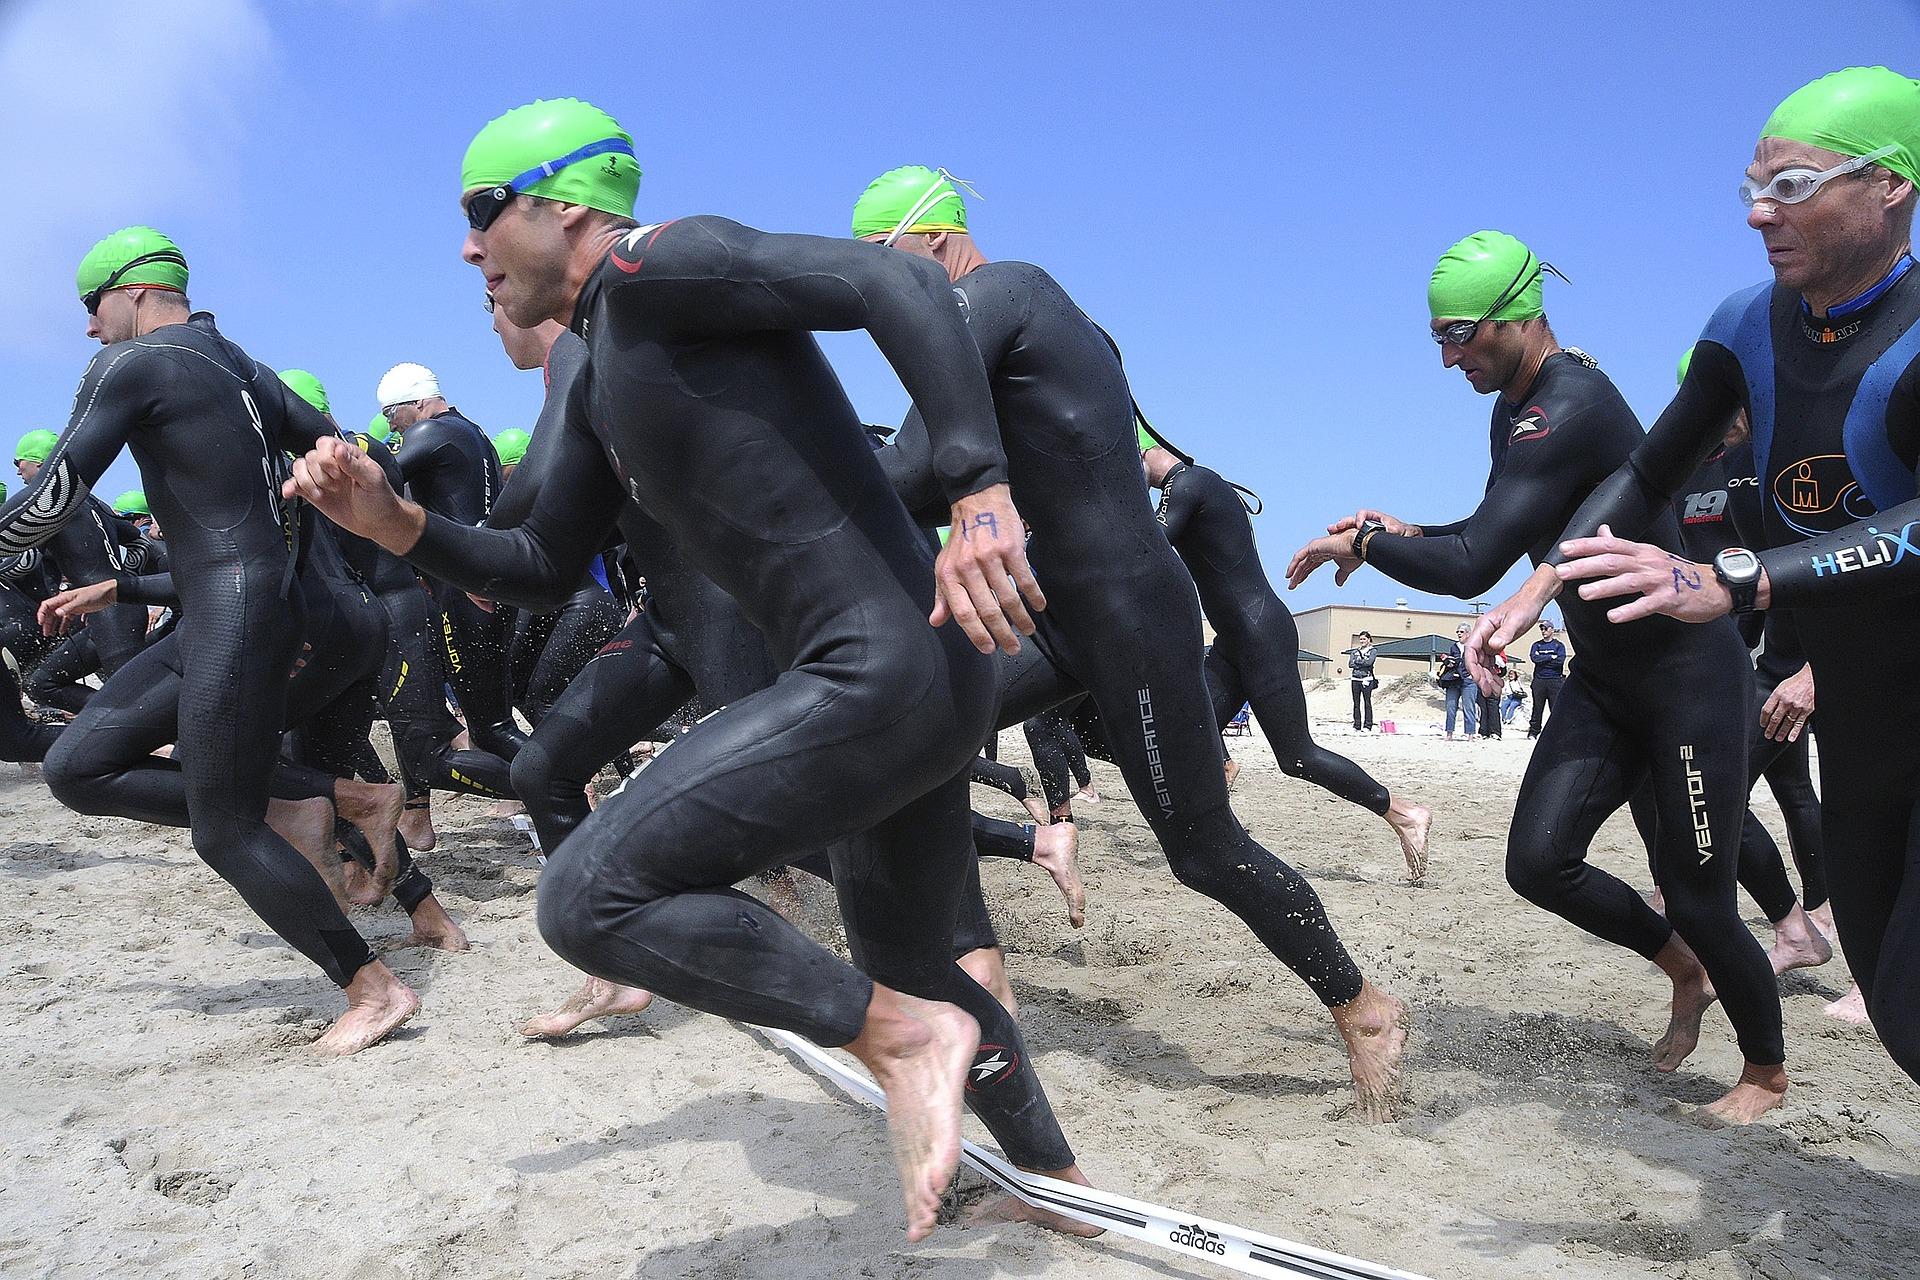 triathlon torino trofeotopolino blog sportivo